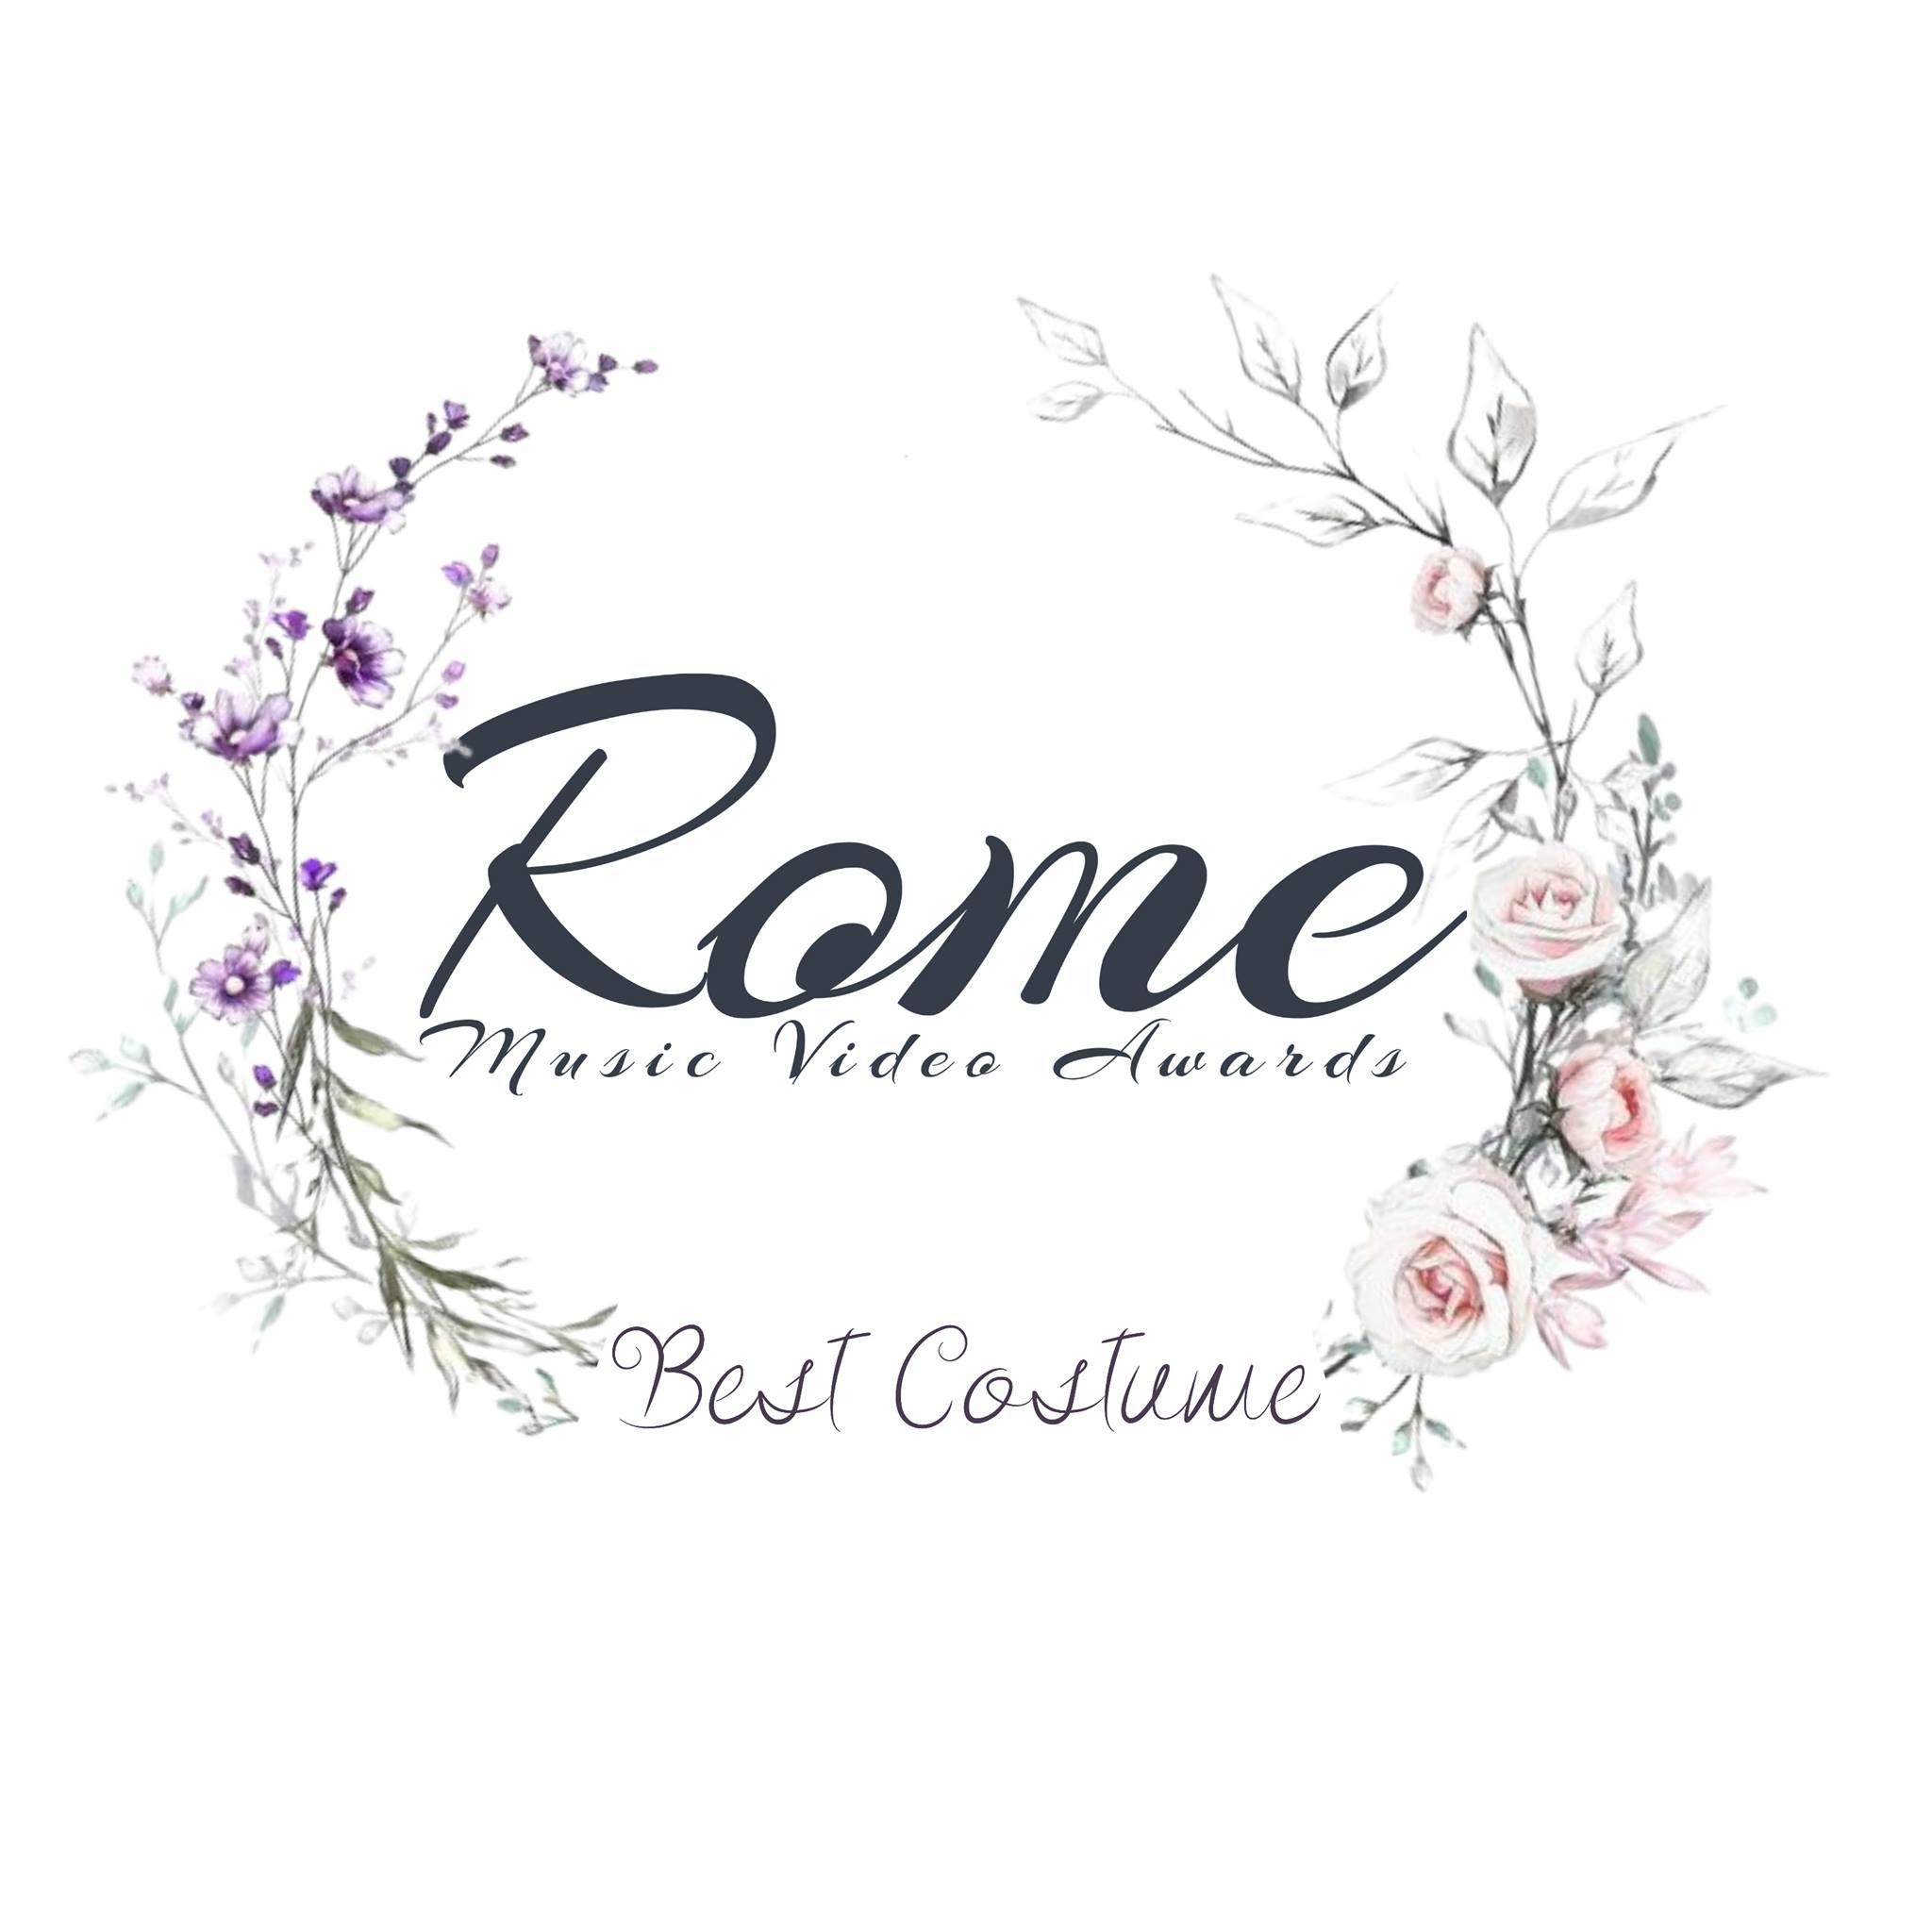 Award Winner – Best Costume – Rome Music Video Awards